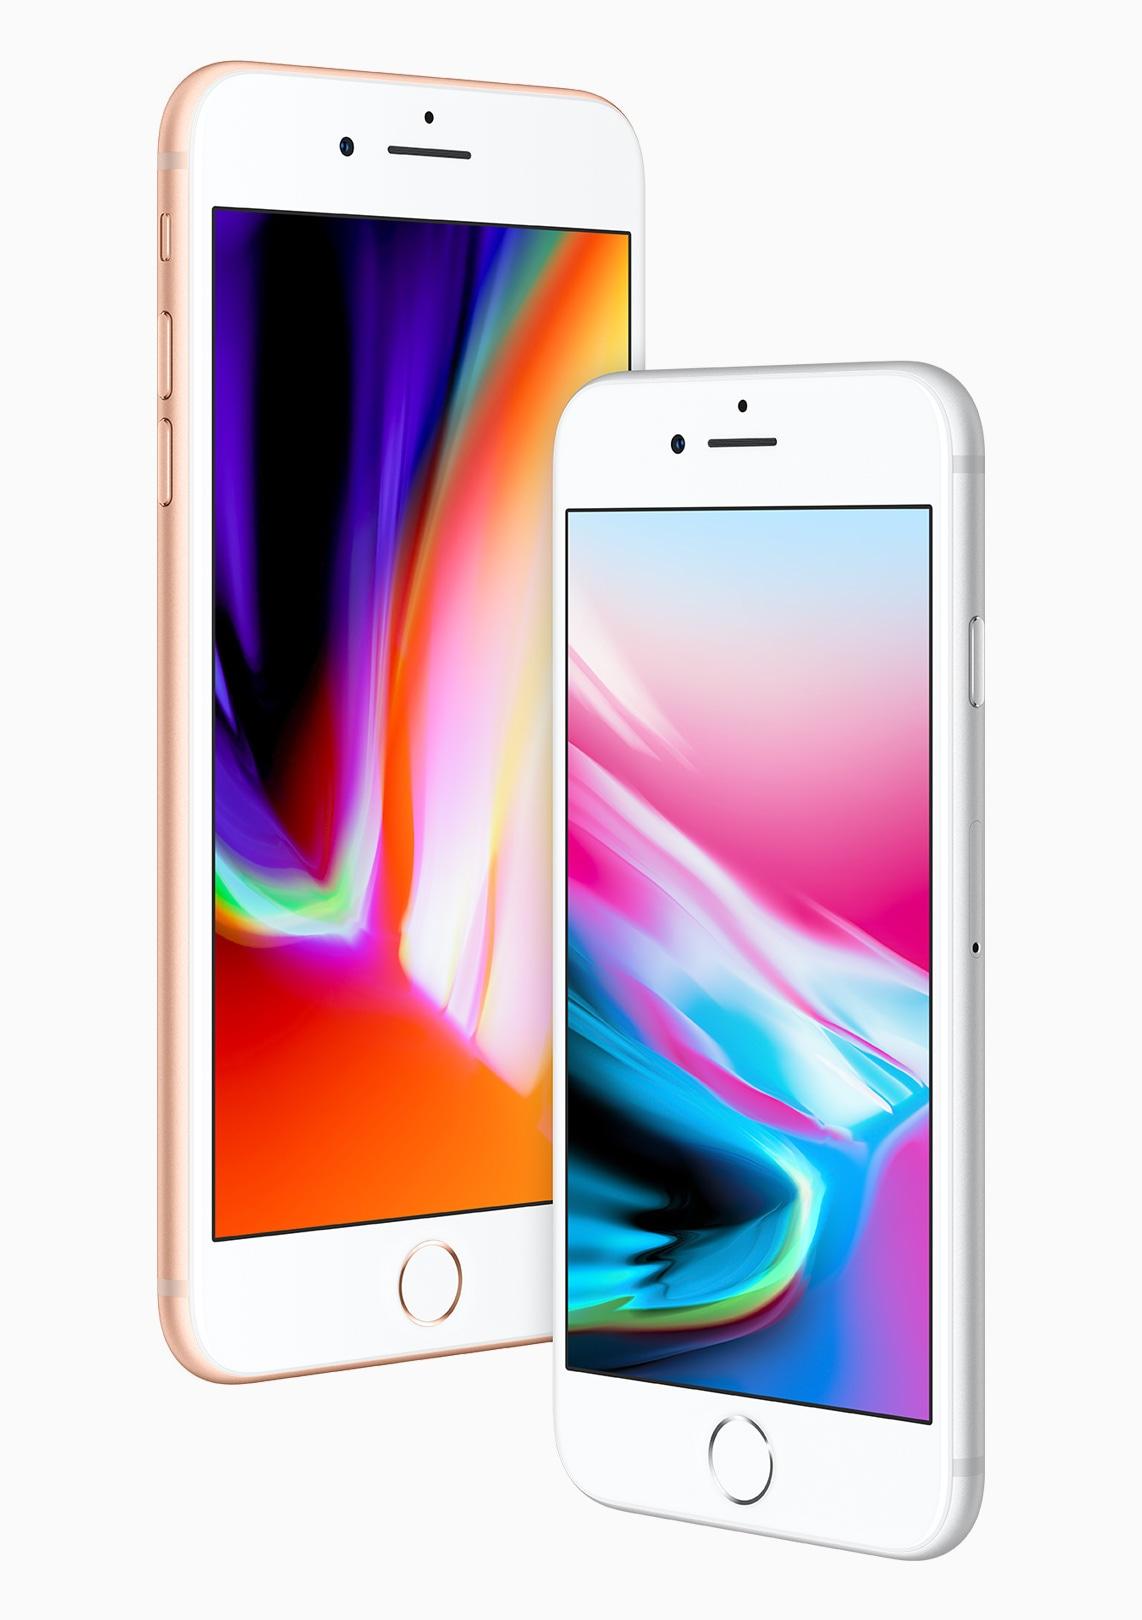 iPhone 8 dourado e iPhone 8 Plus prateado vistos de frente com ângulo